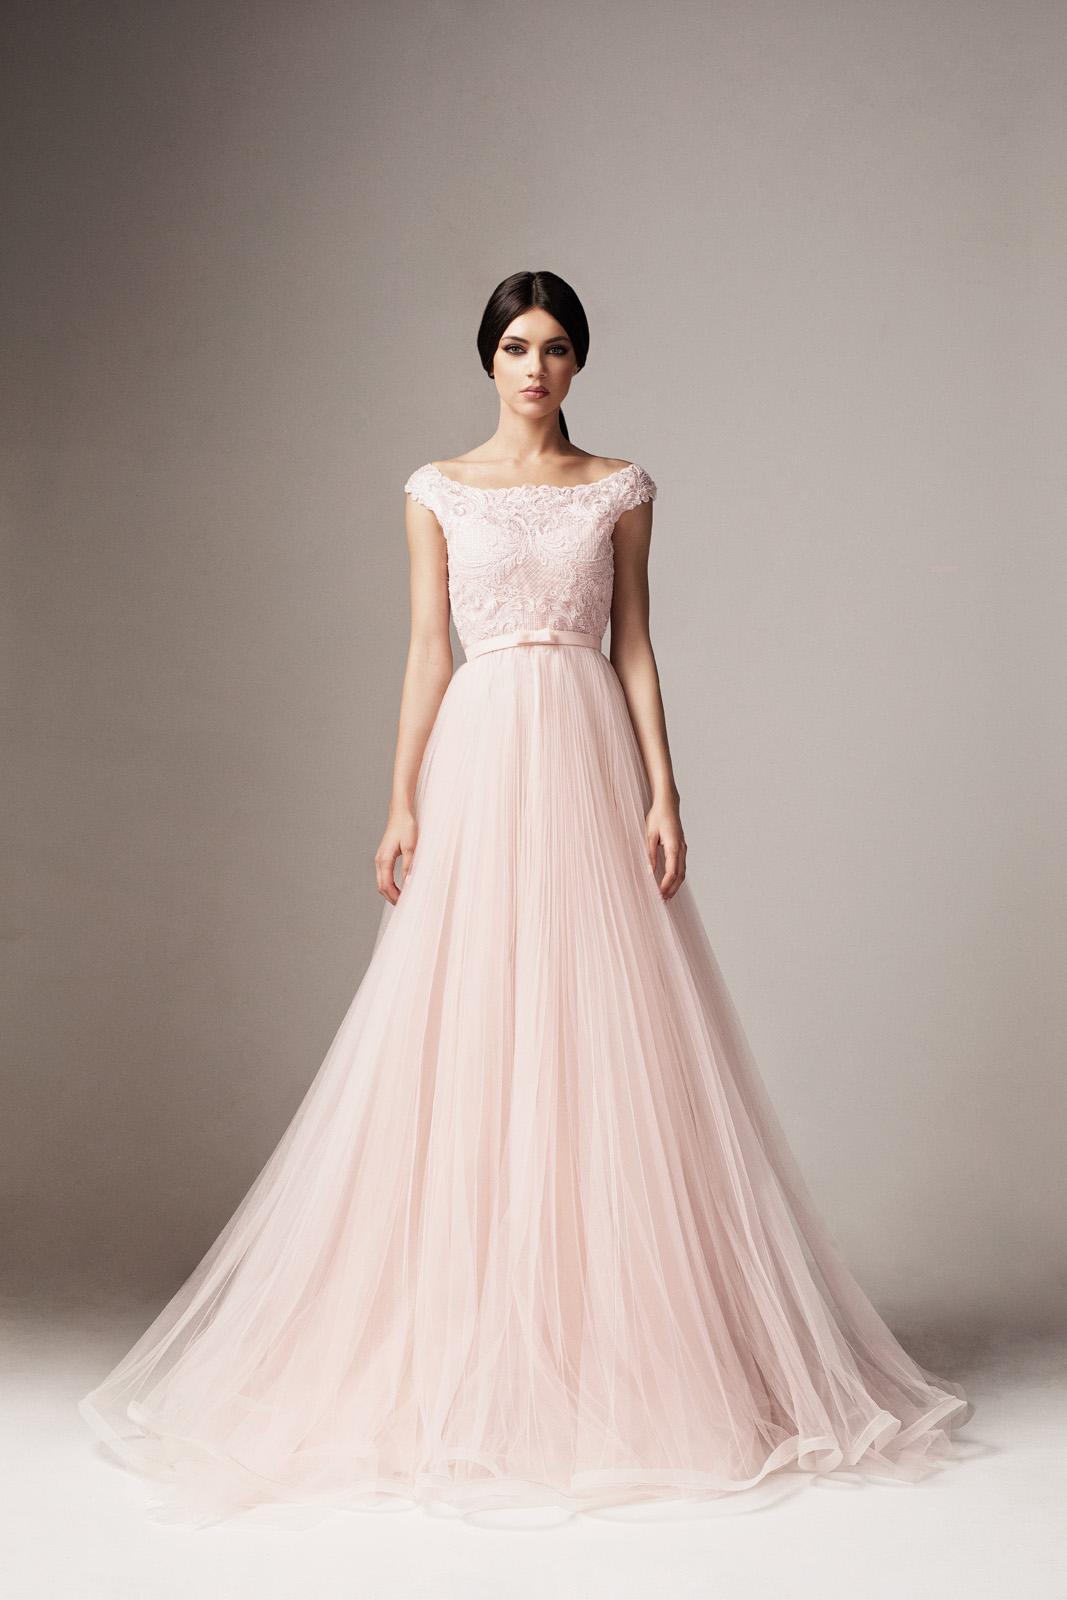 7466caf644 Világos rózsaszín Ana Radu harang ruha tüll és csipkés anyag belső béléssel  övvel ellátva